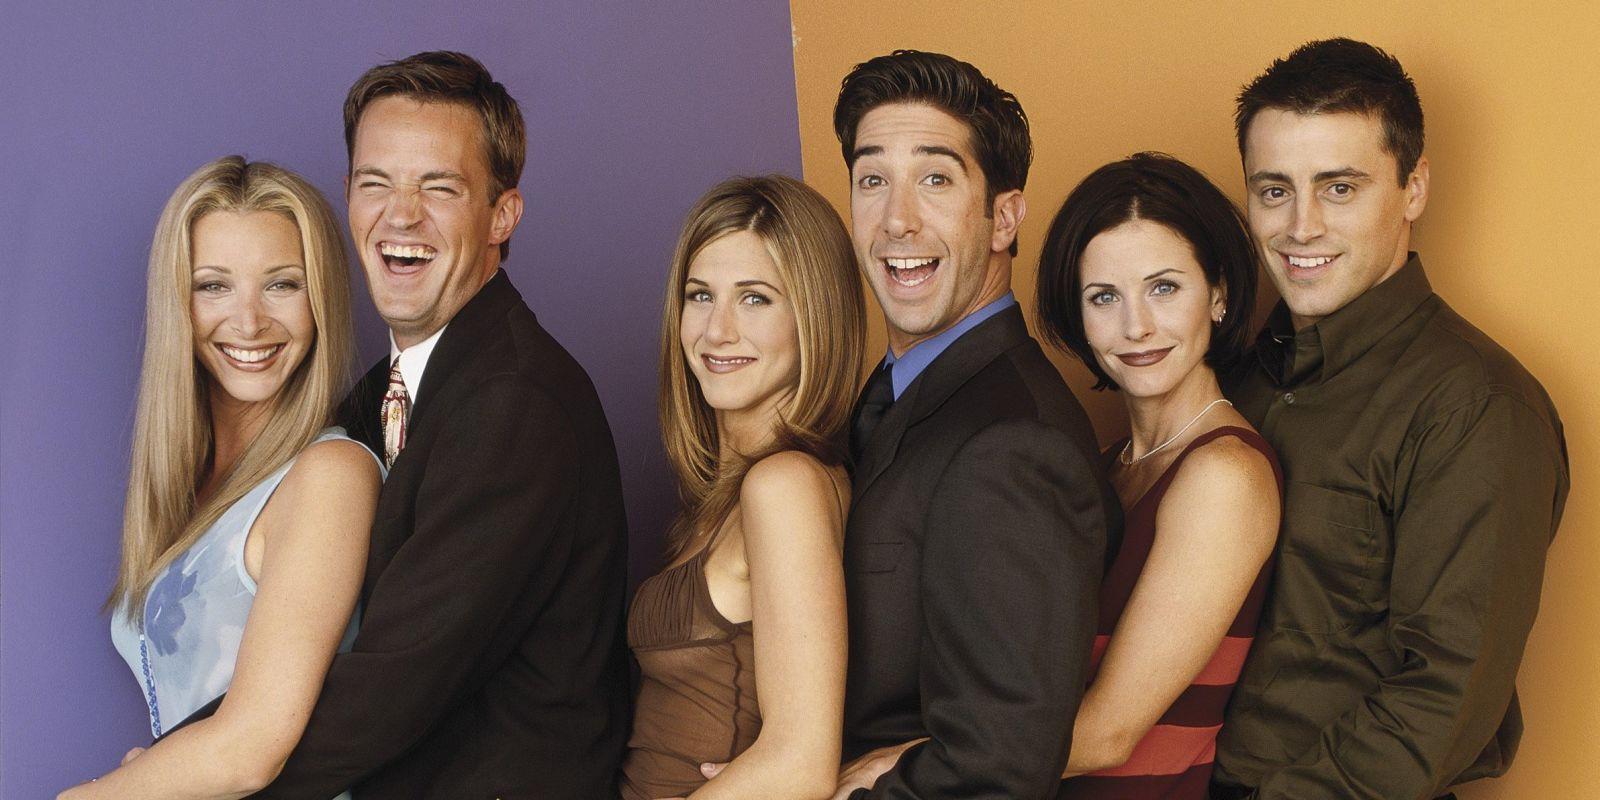 5 revelações nunca feitas antes sobre Friends - 2